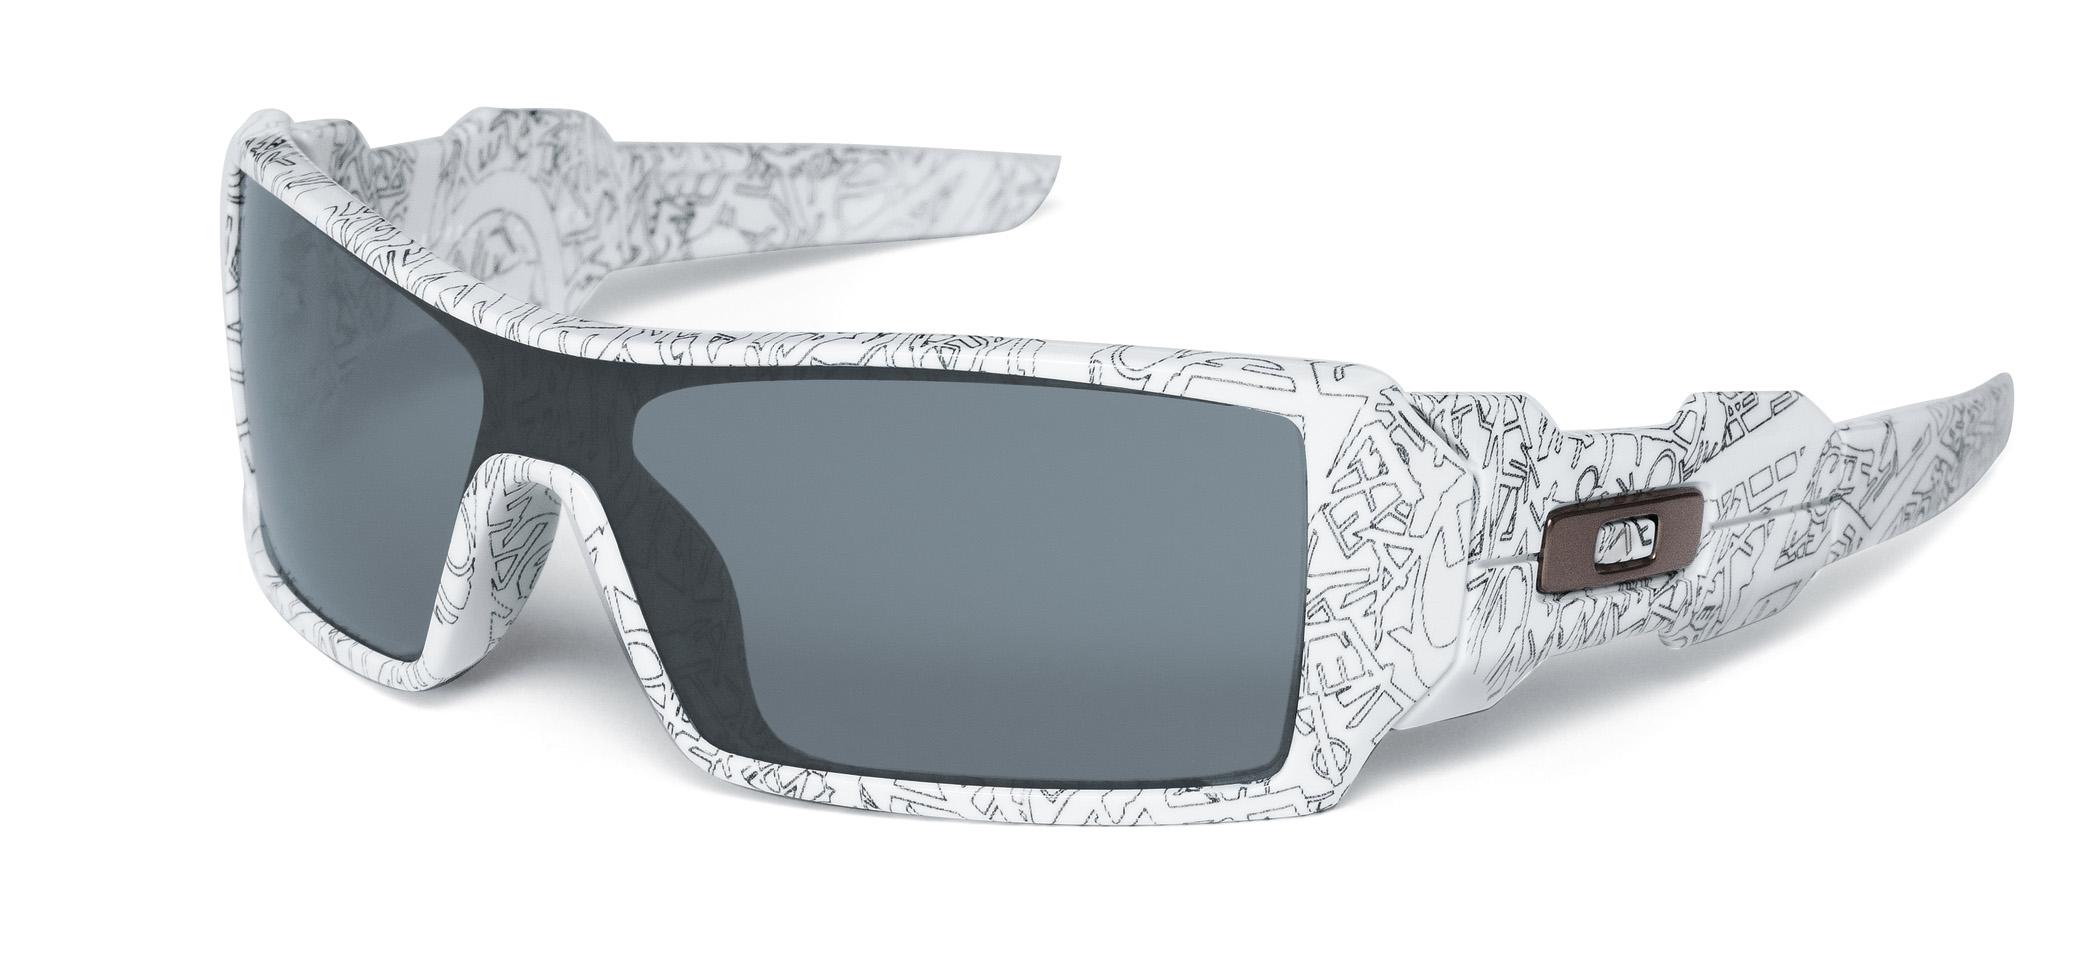 57052f6f49 Oakley Night Driving Glasses Anti Glare Polarized « Heritage Malta